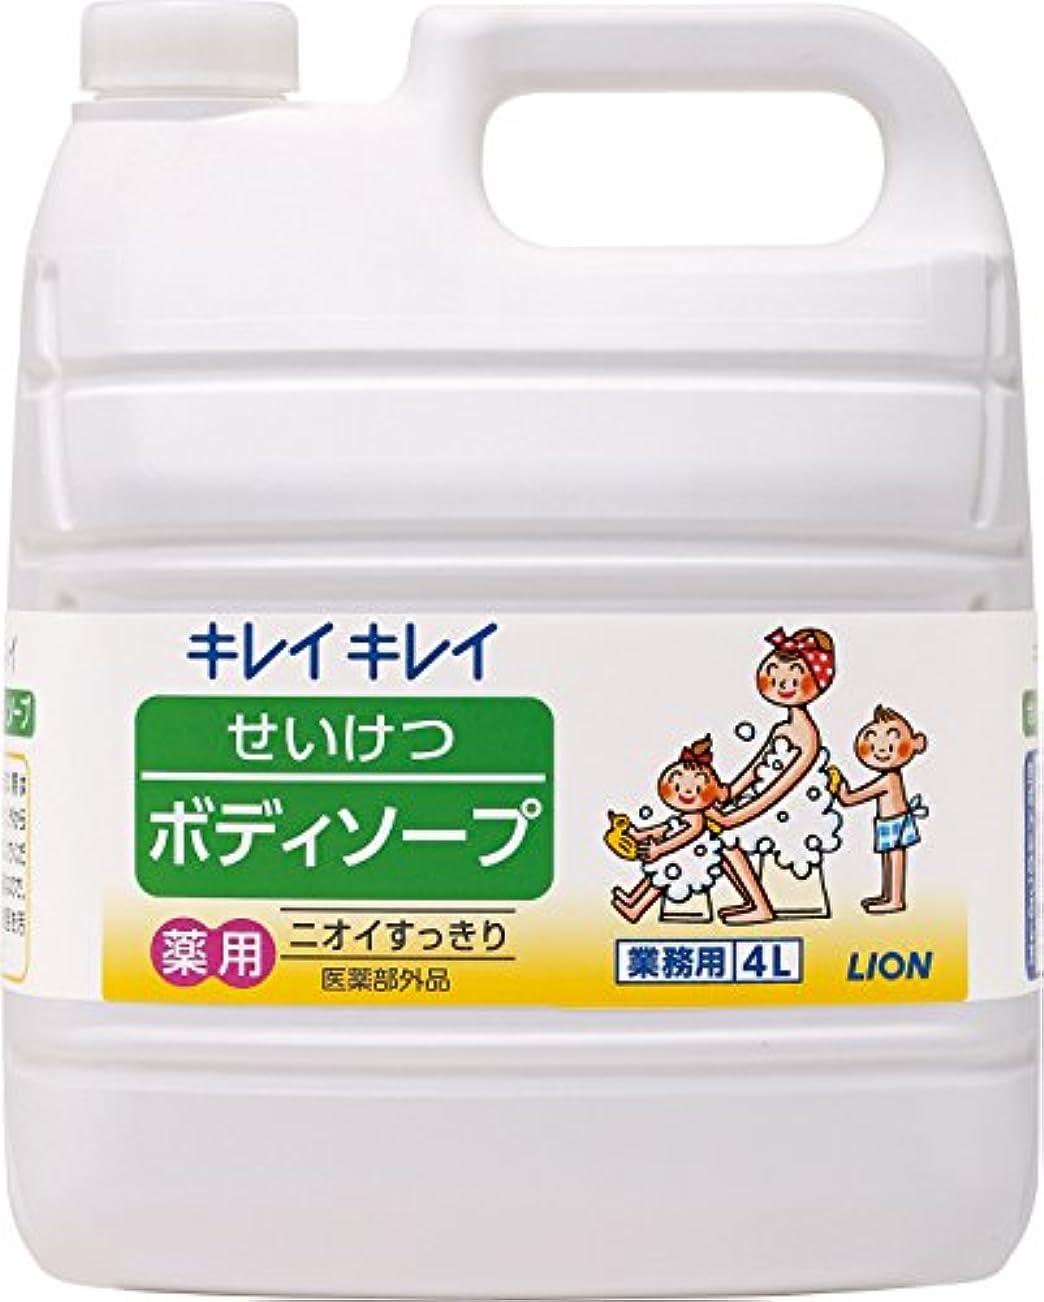 最小化するコールベルベット【業務用 大容量】キレイキレイ せいけつボディソープ さわやかなレモン&オレンジの香り 4L(医薬部外品)